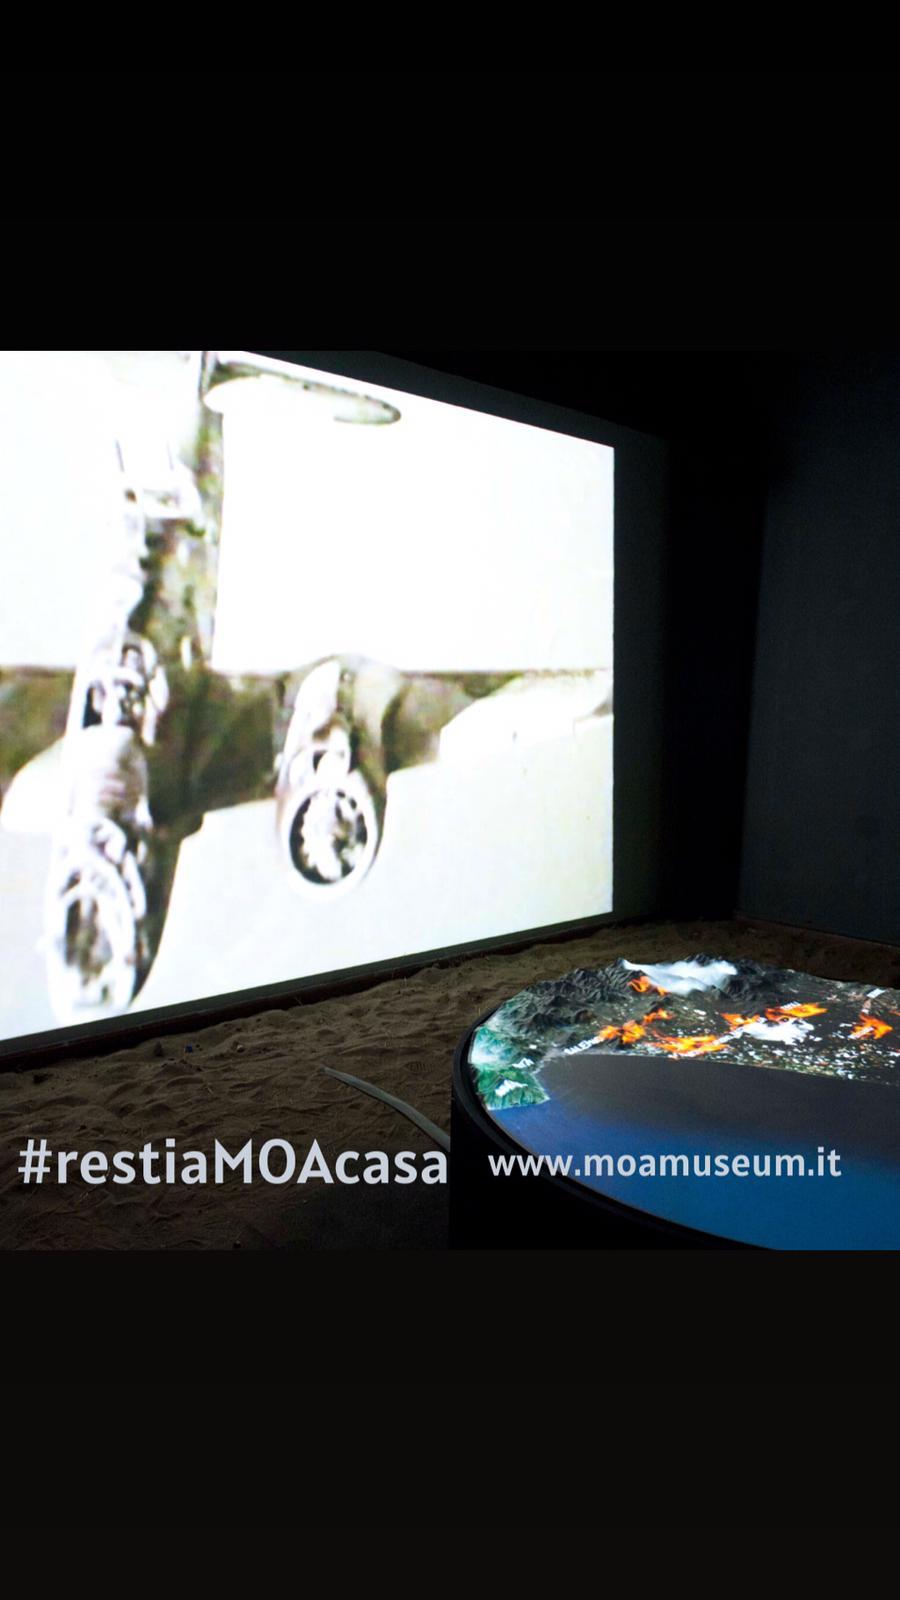 #RestiaMOAcasa, il mio contributo pubblicato il 5/4/2020